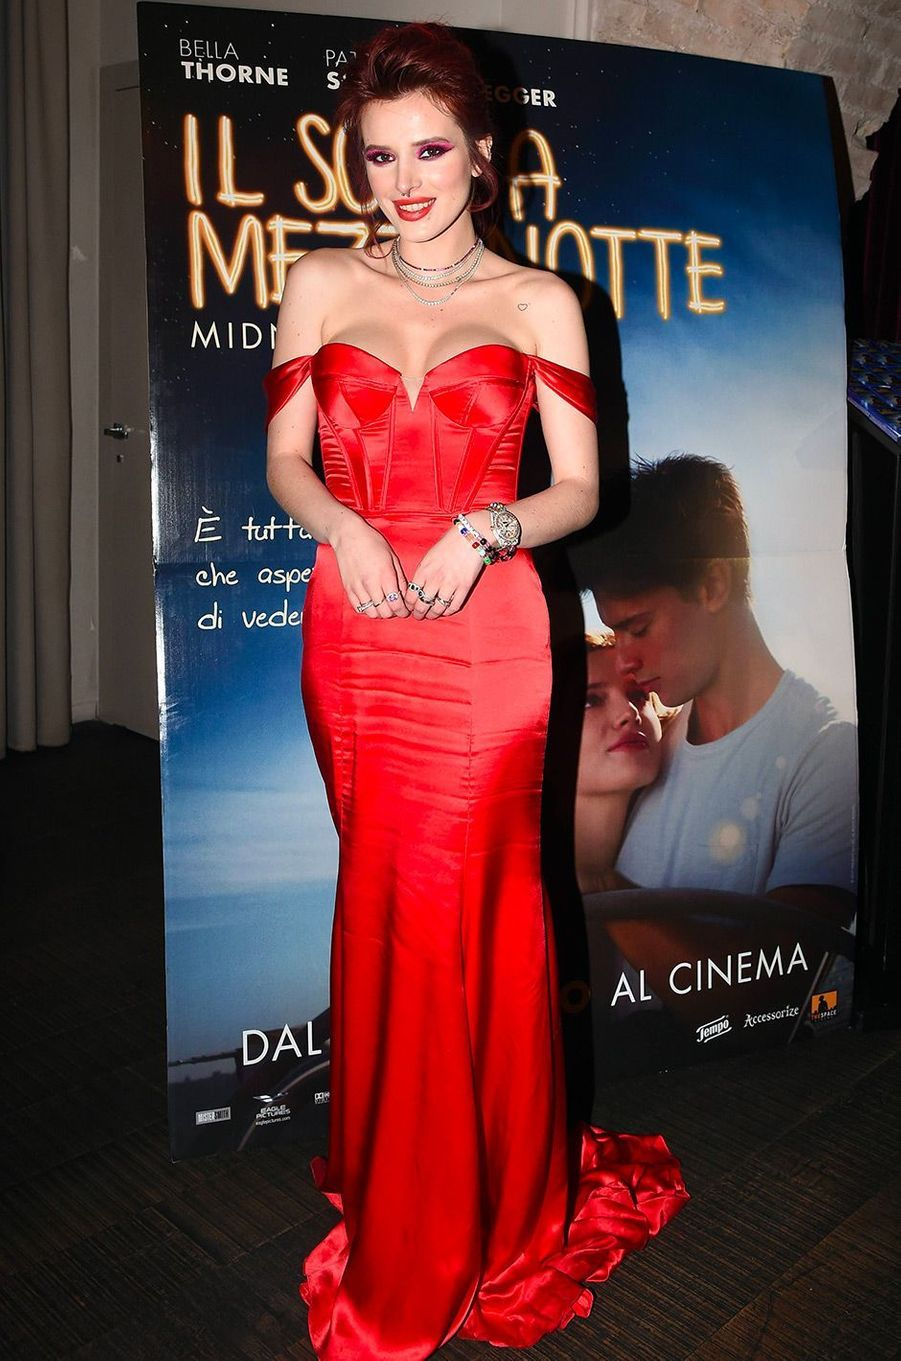 Bella Thorne à Rome le 27 février 2018